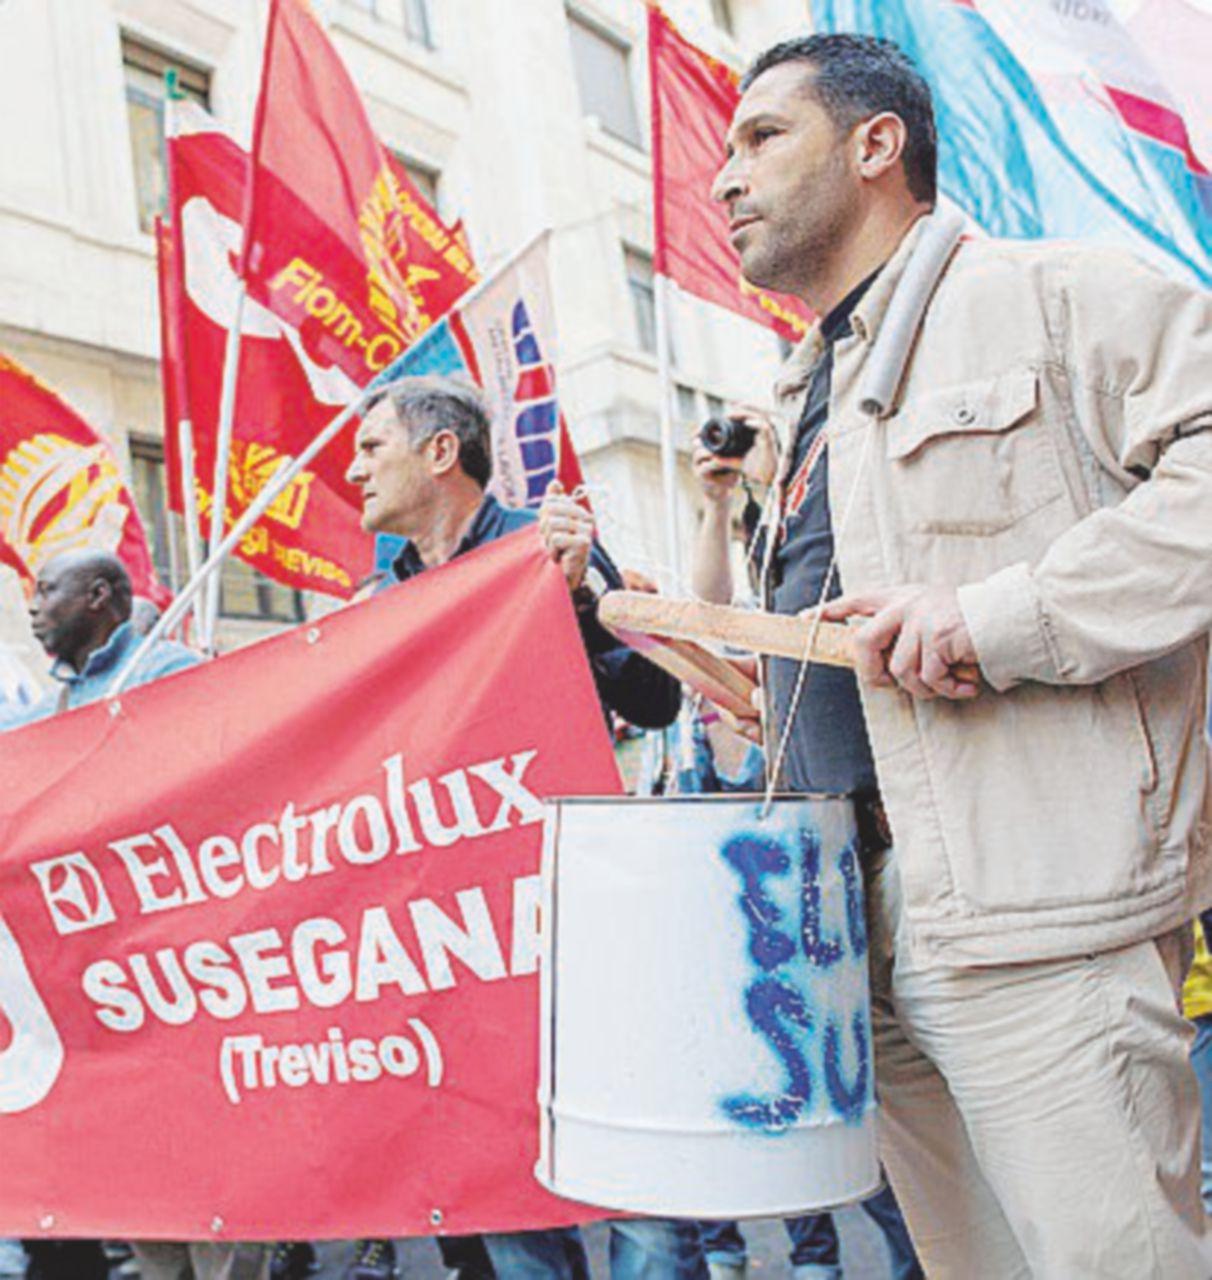 L'articolo 18 è vivo, reintegrato alla Electrolux